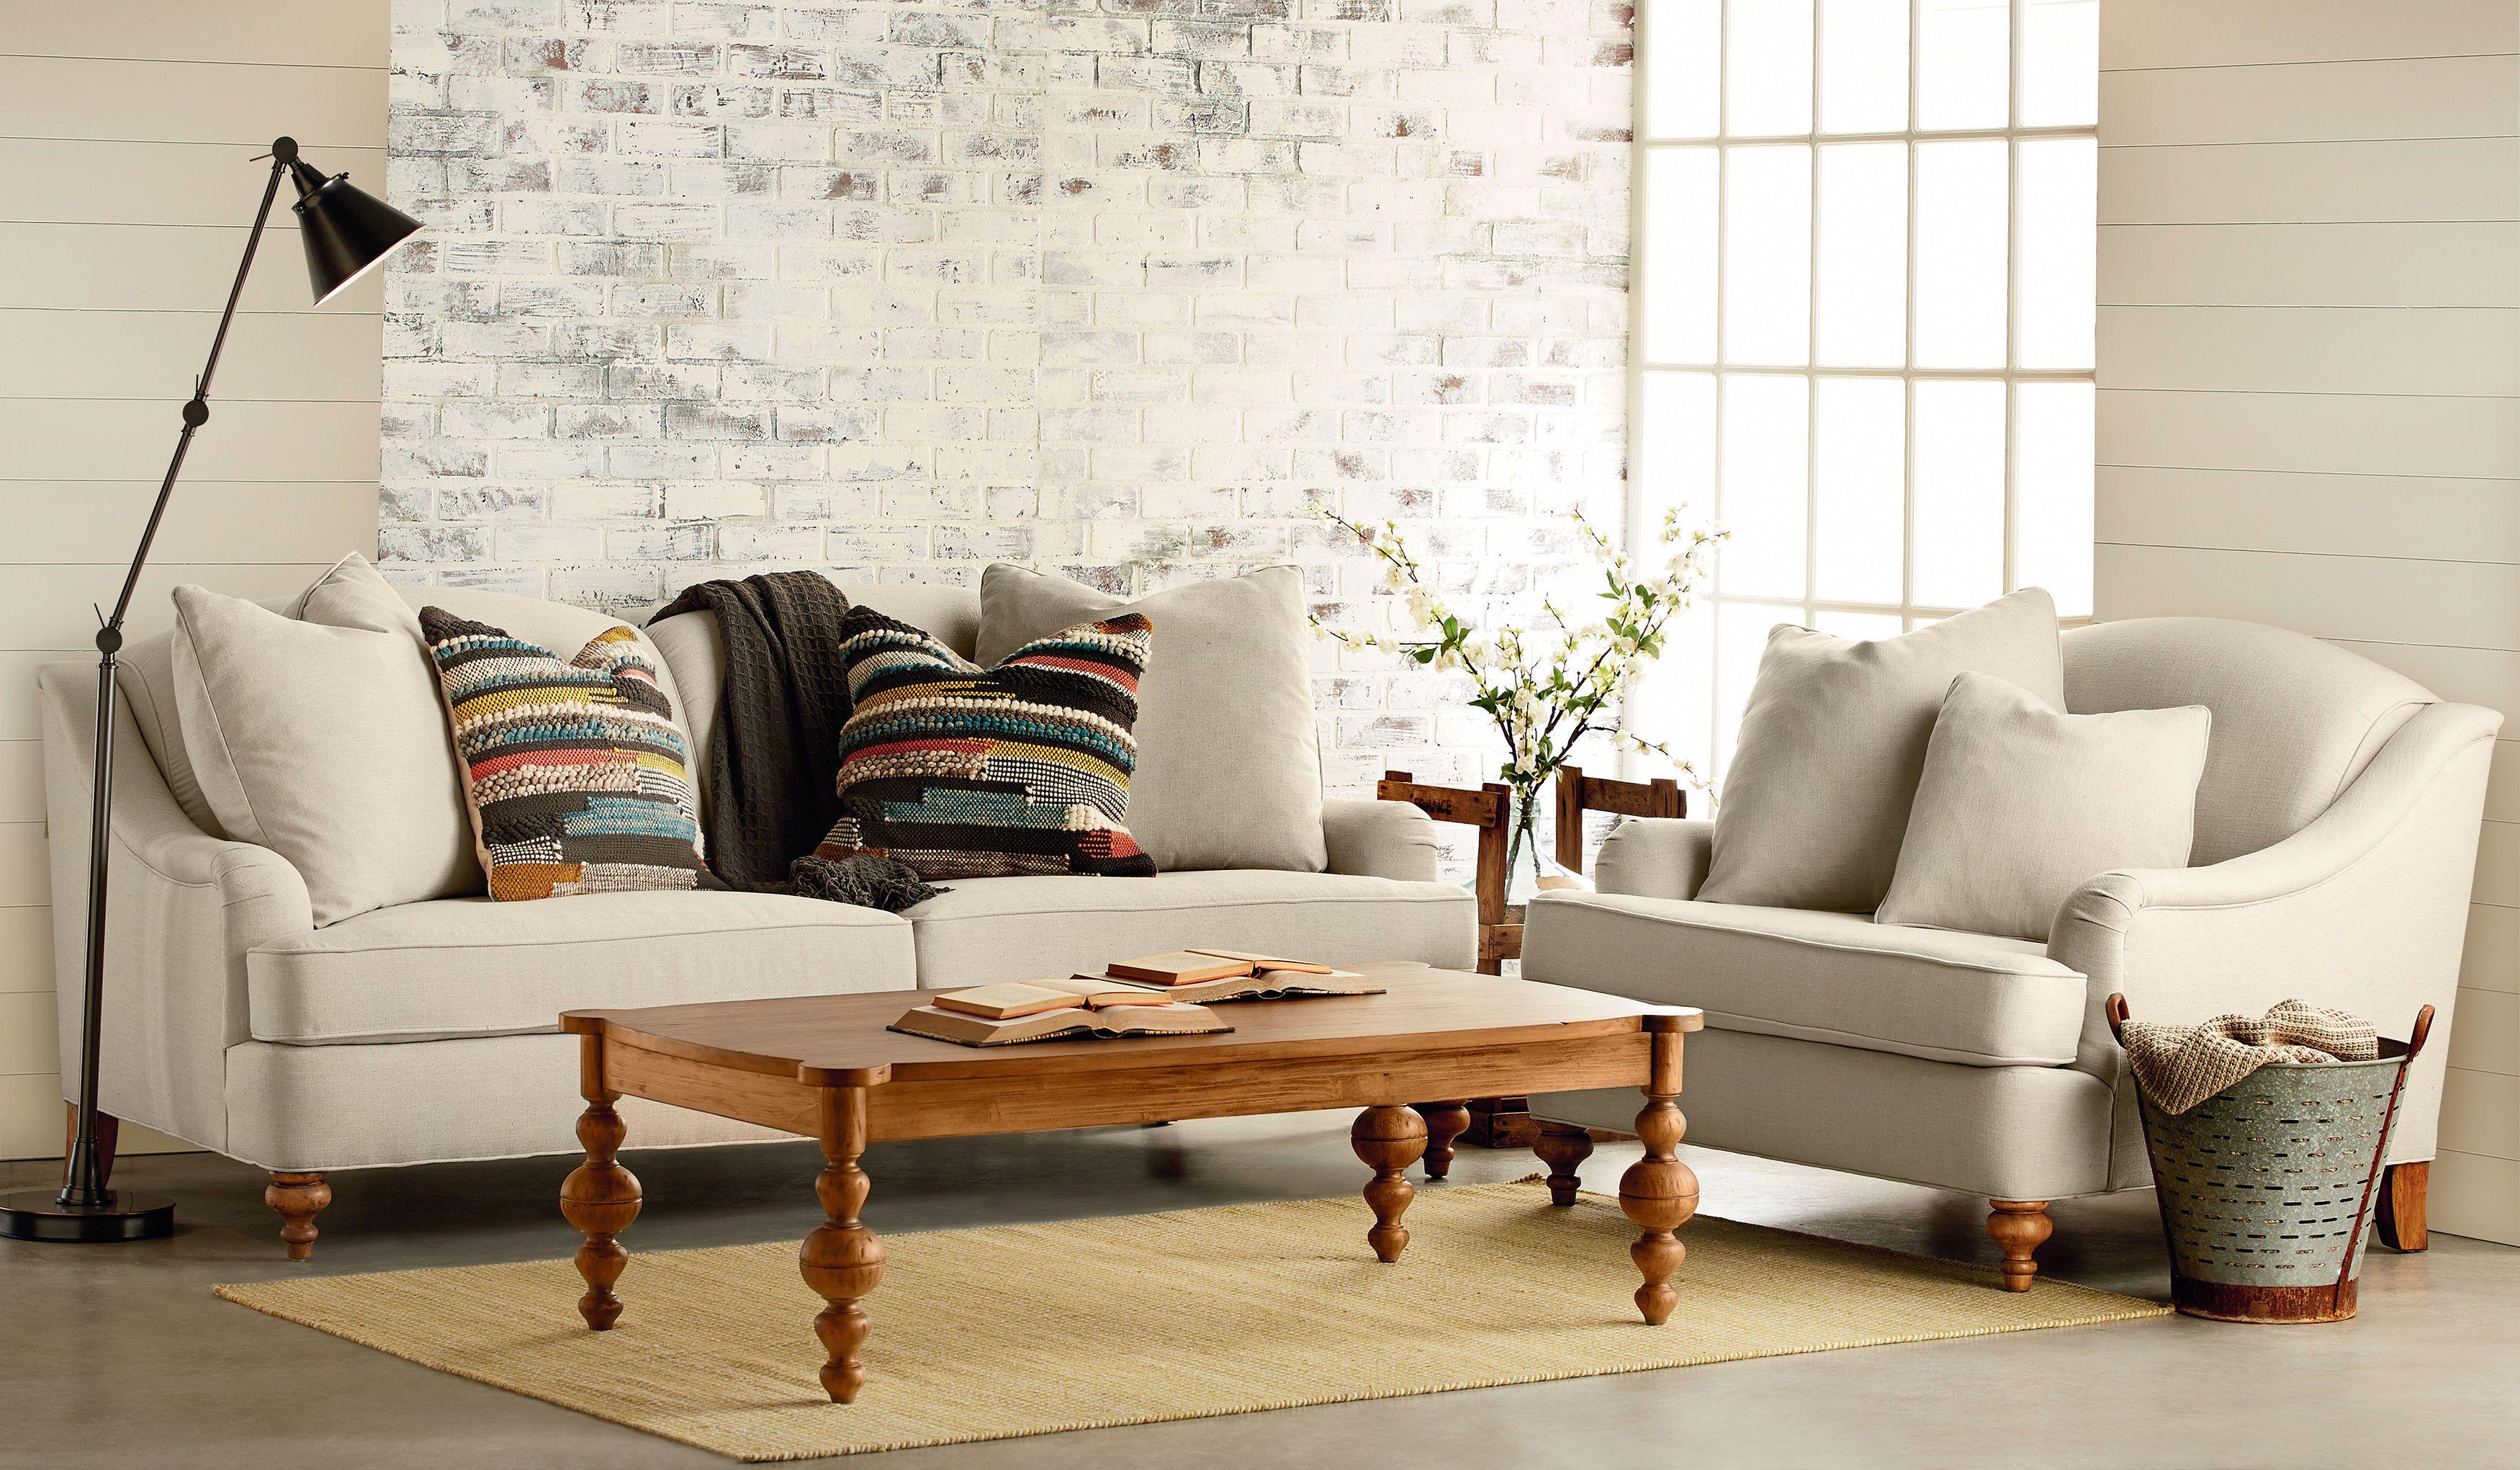 Magnolia Home - Adore Sofa ST:464833 | Living room | Pinterest ...